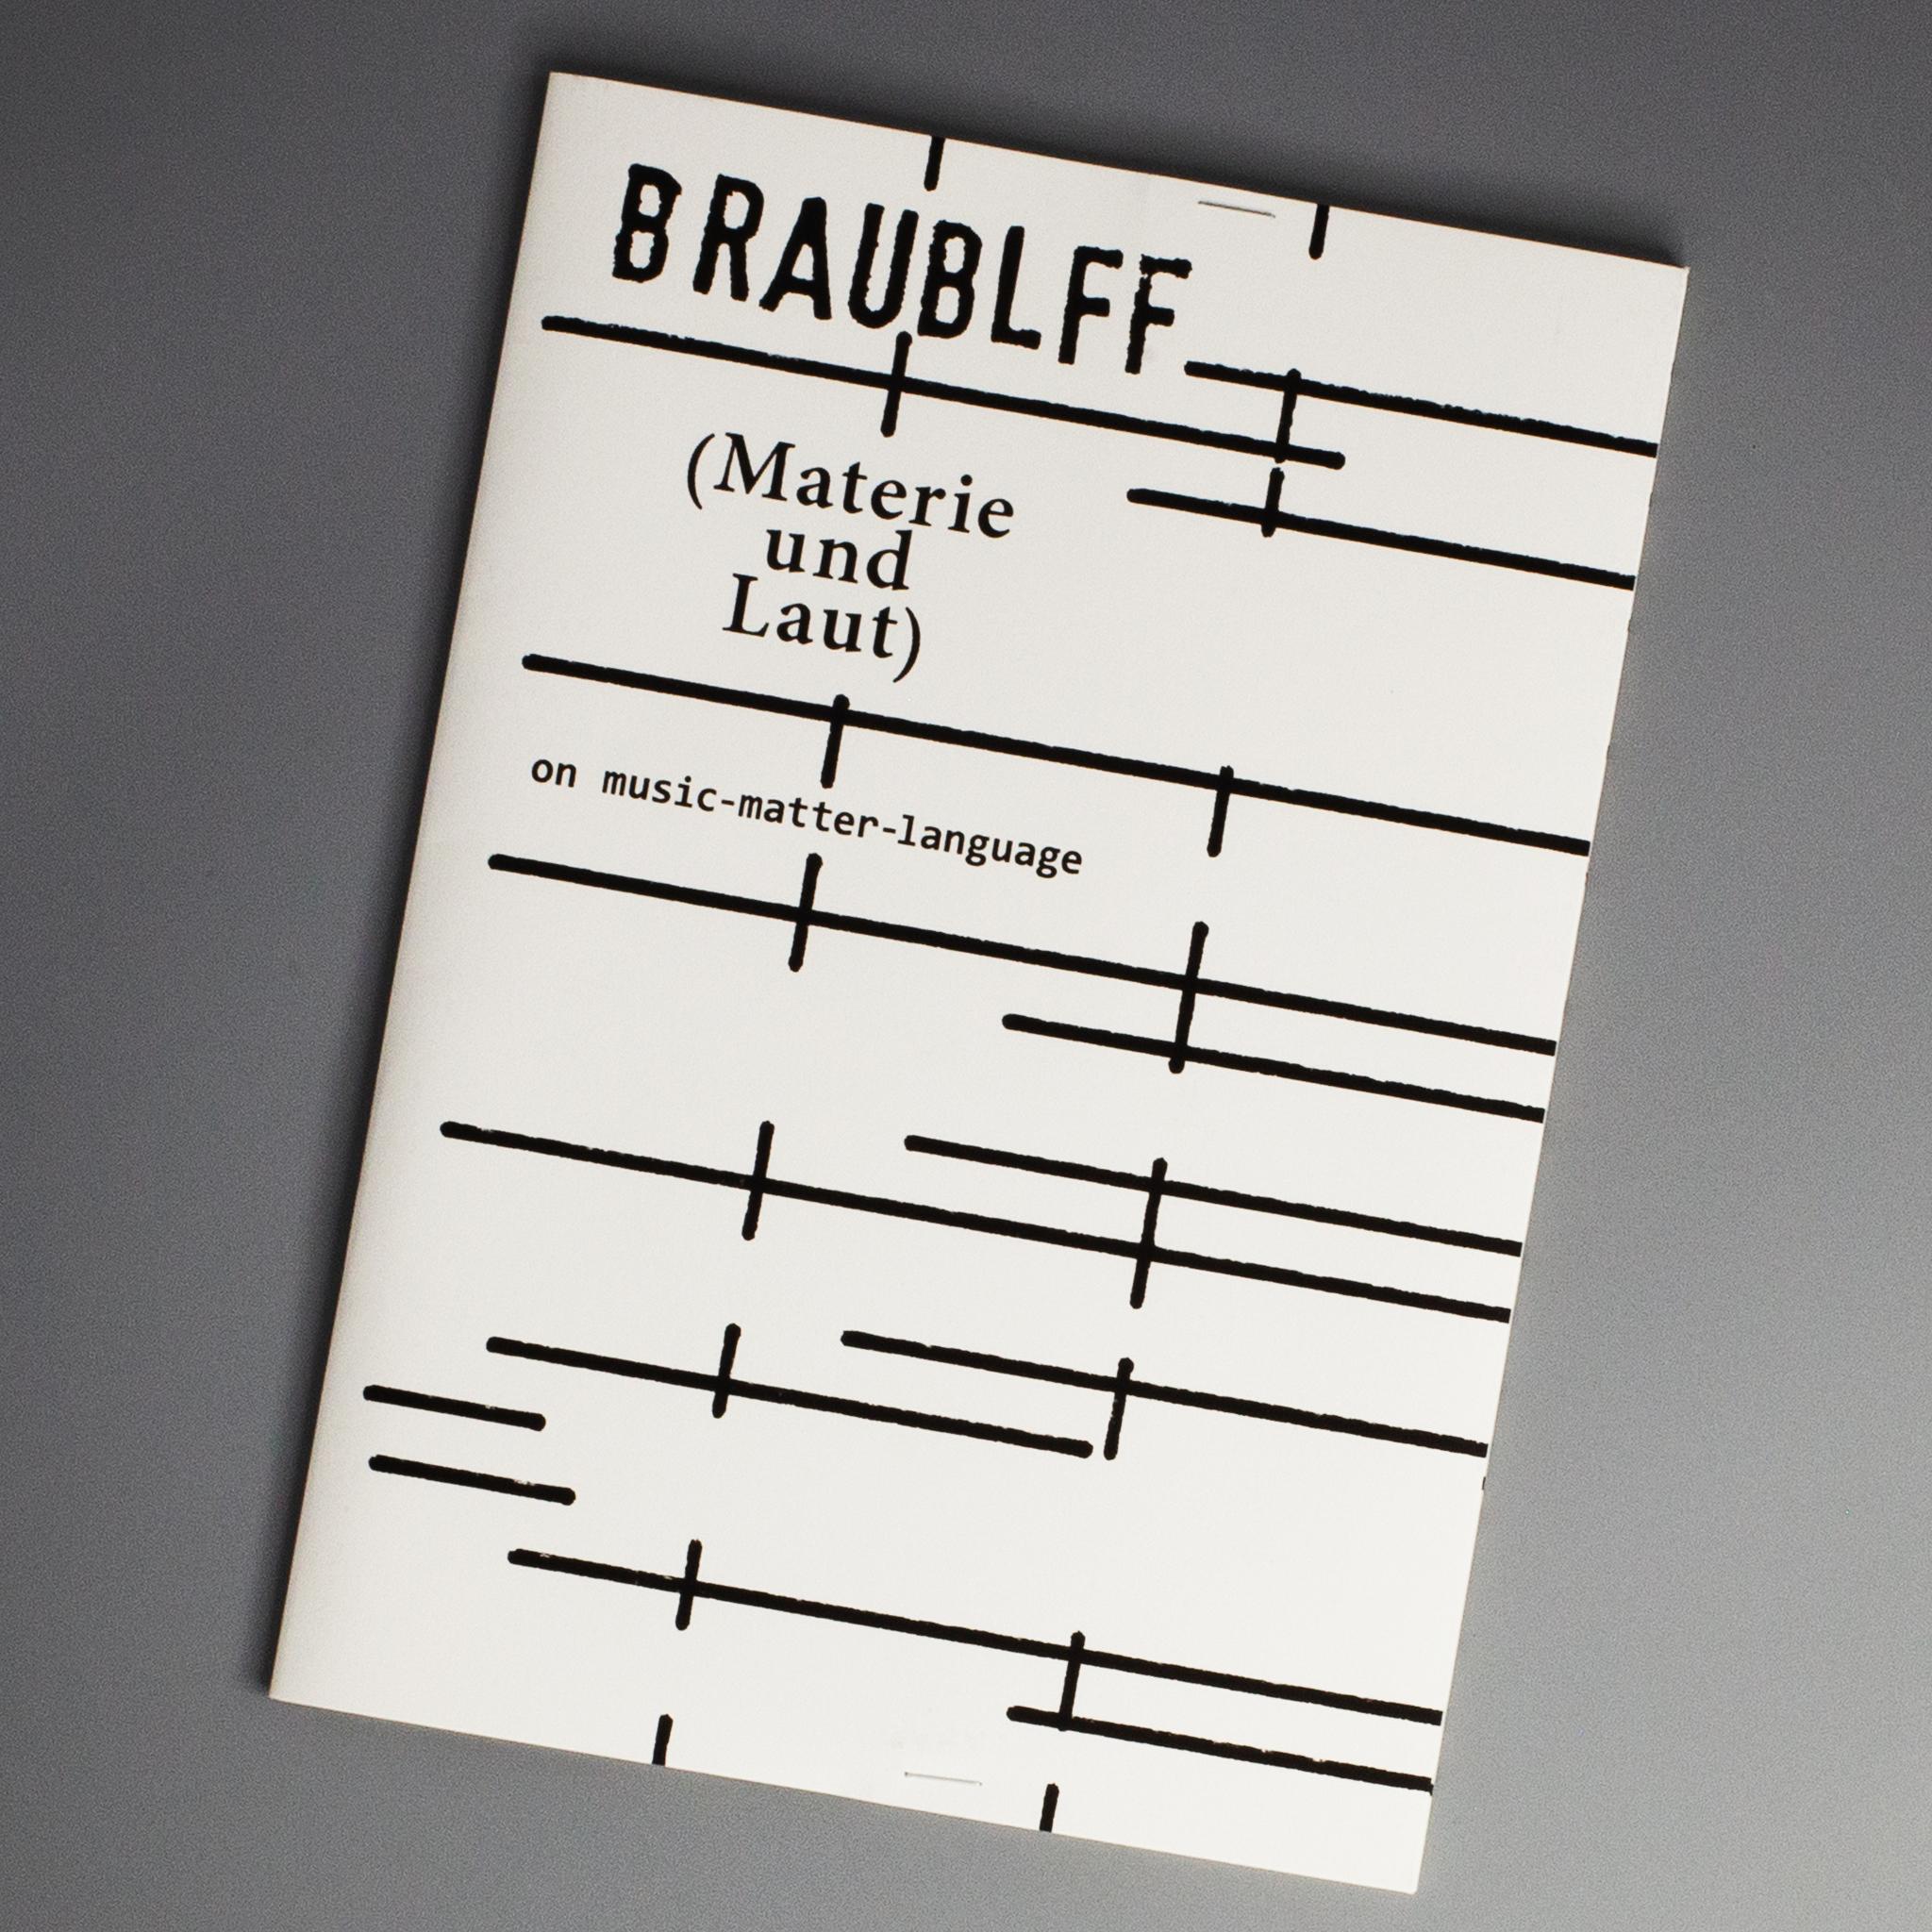 BRAUBLFF (MATERIE UND LAUT)